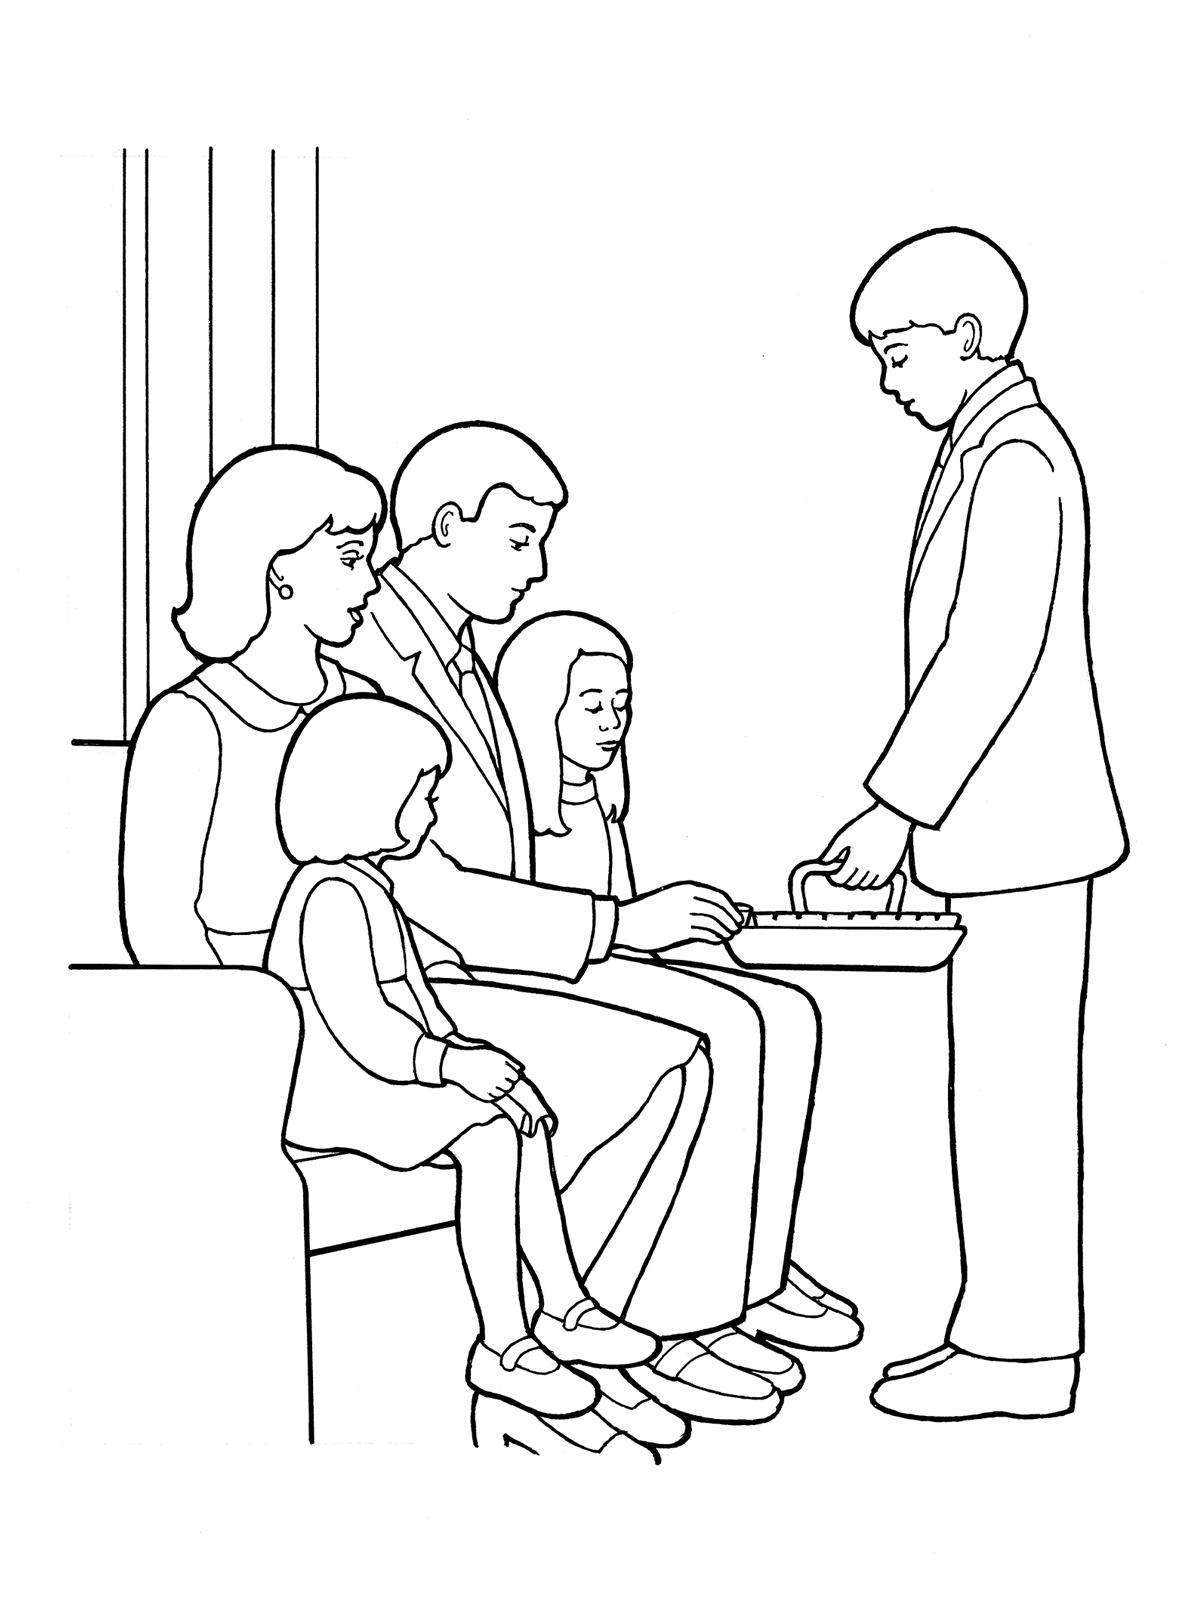 Lds clipart sacrament 6 » Clipart Station.